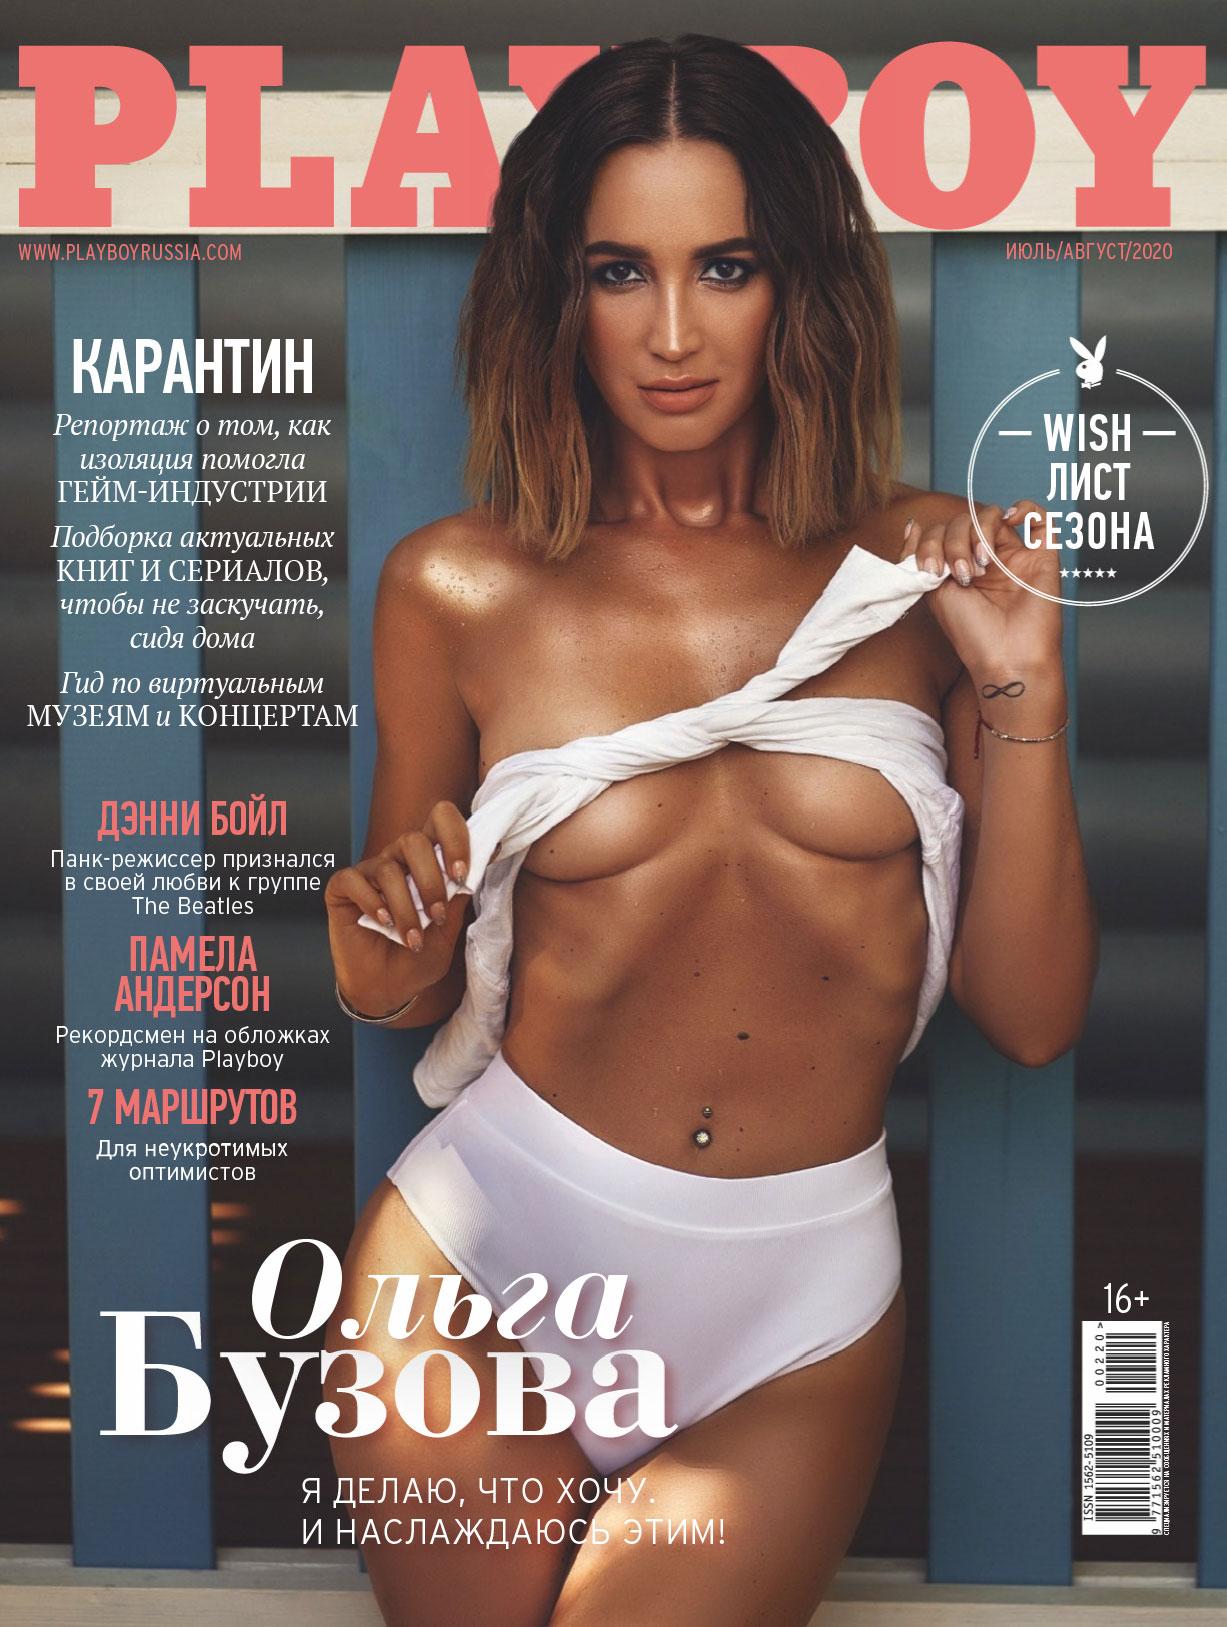 Ольга Бузова в журнале Playboy Россия, июль-август 2020 / обложка